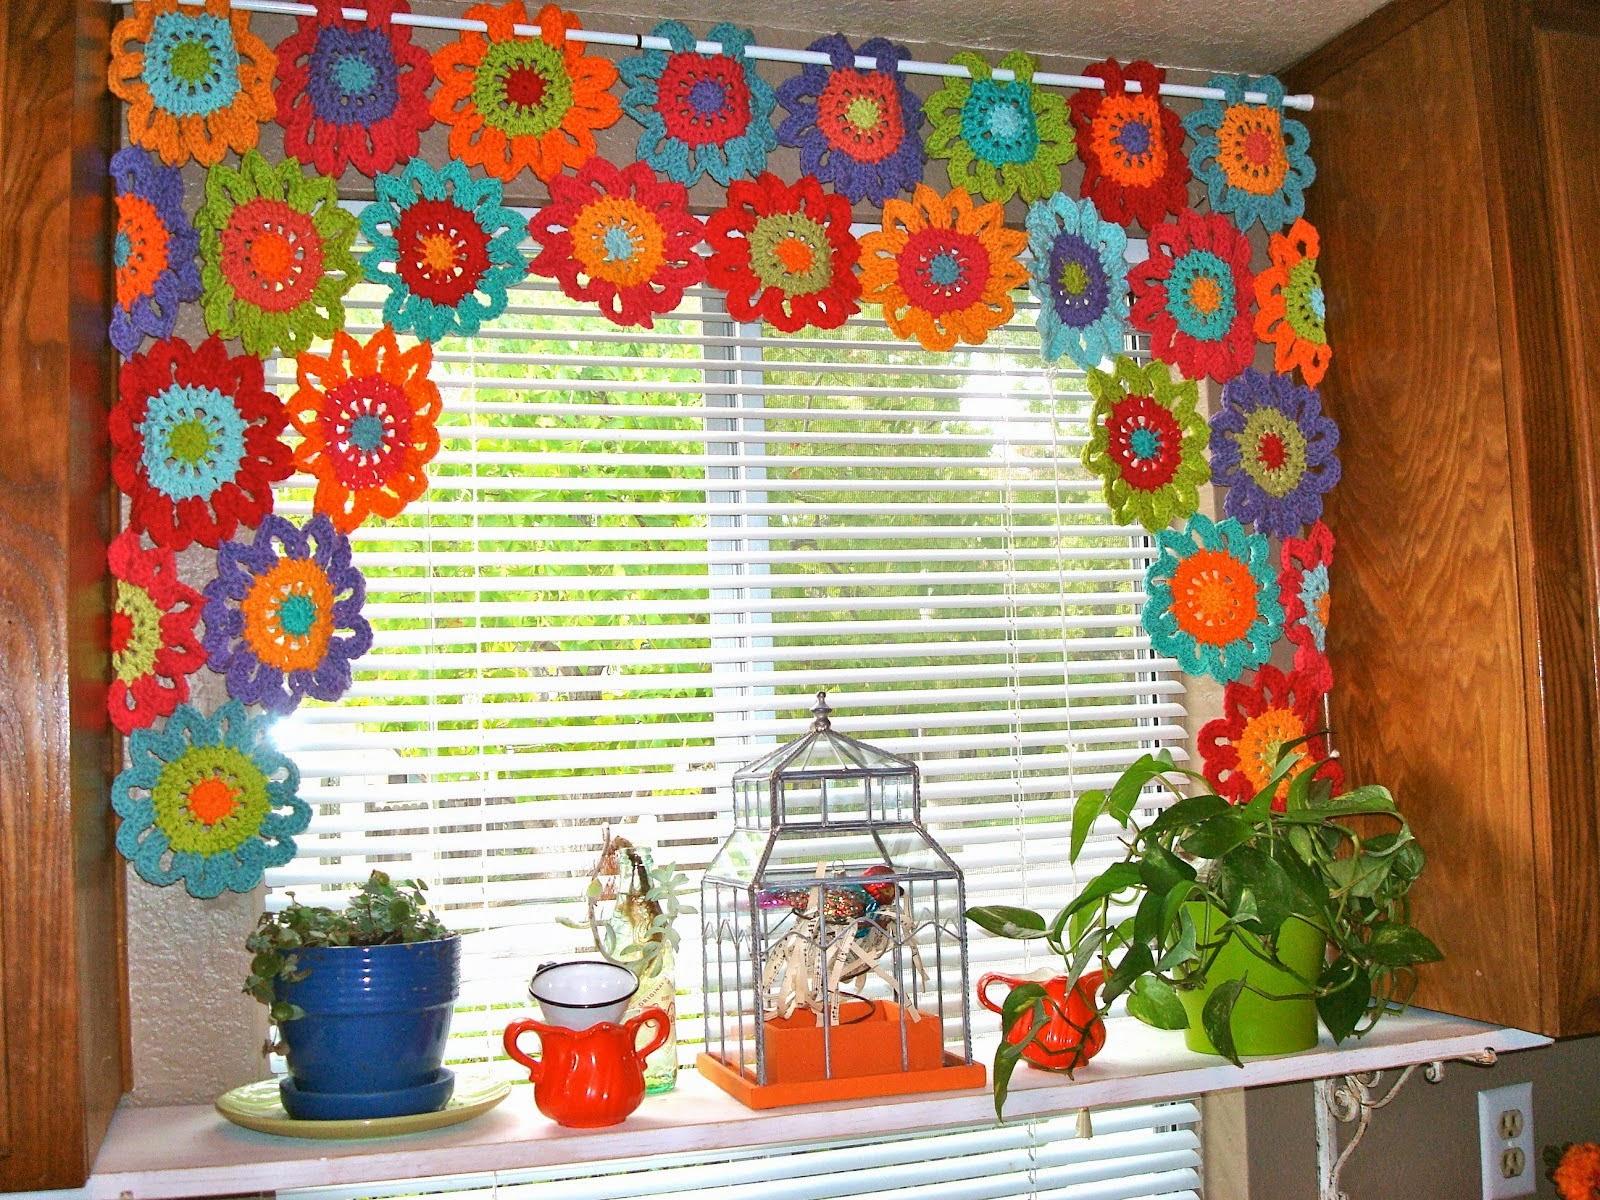 Mes favoris tricot crochet mod le rideau au crochet - Modeles de rideaux au crochet gratuits ...